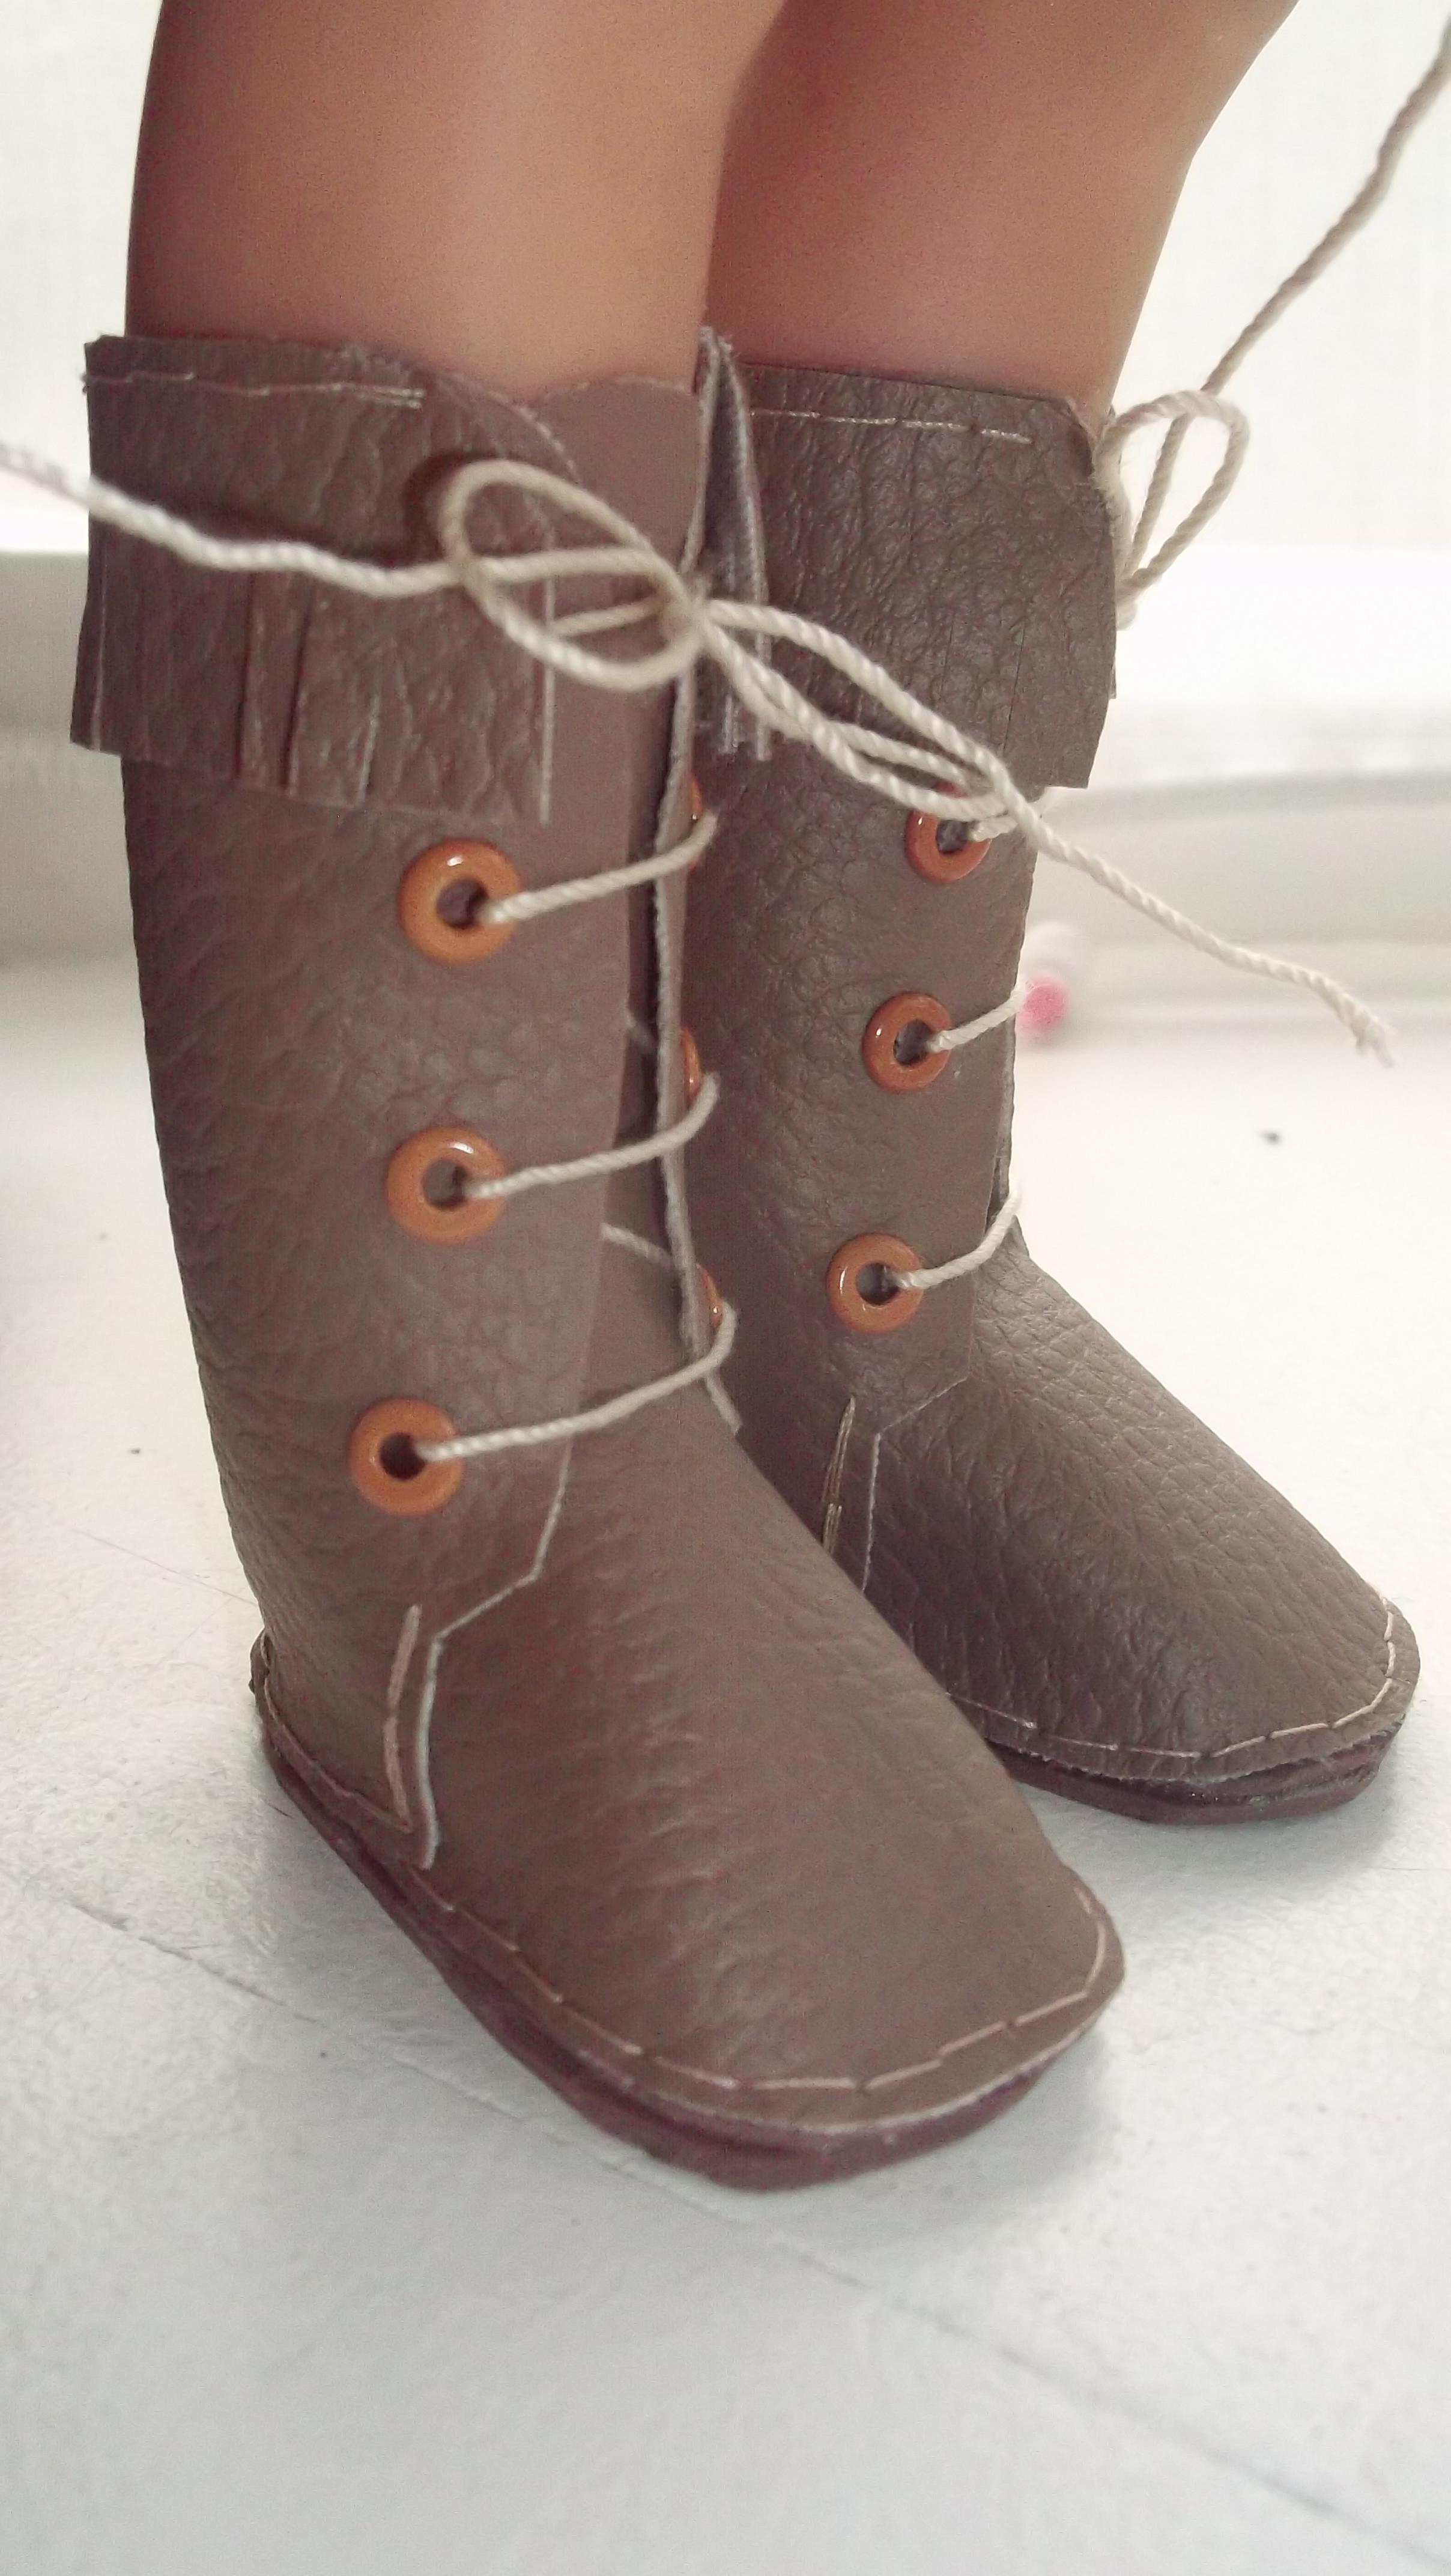 des bottes et bottines pour chérie corolle et paola reina